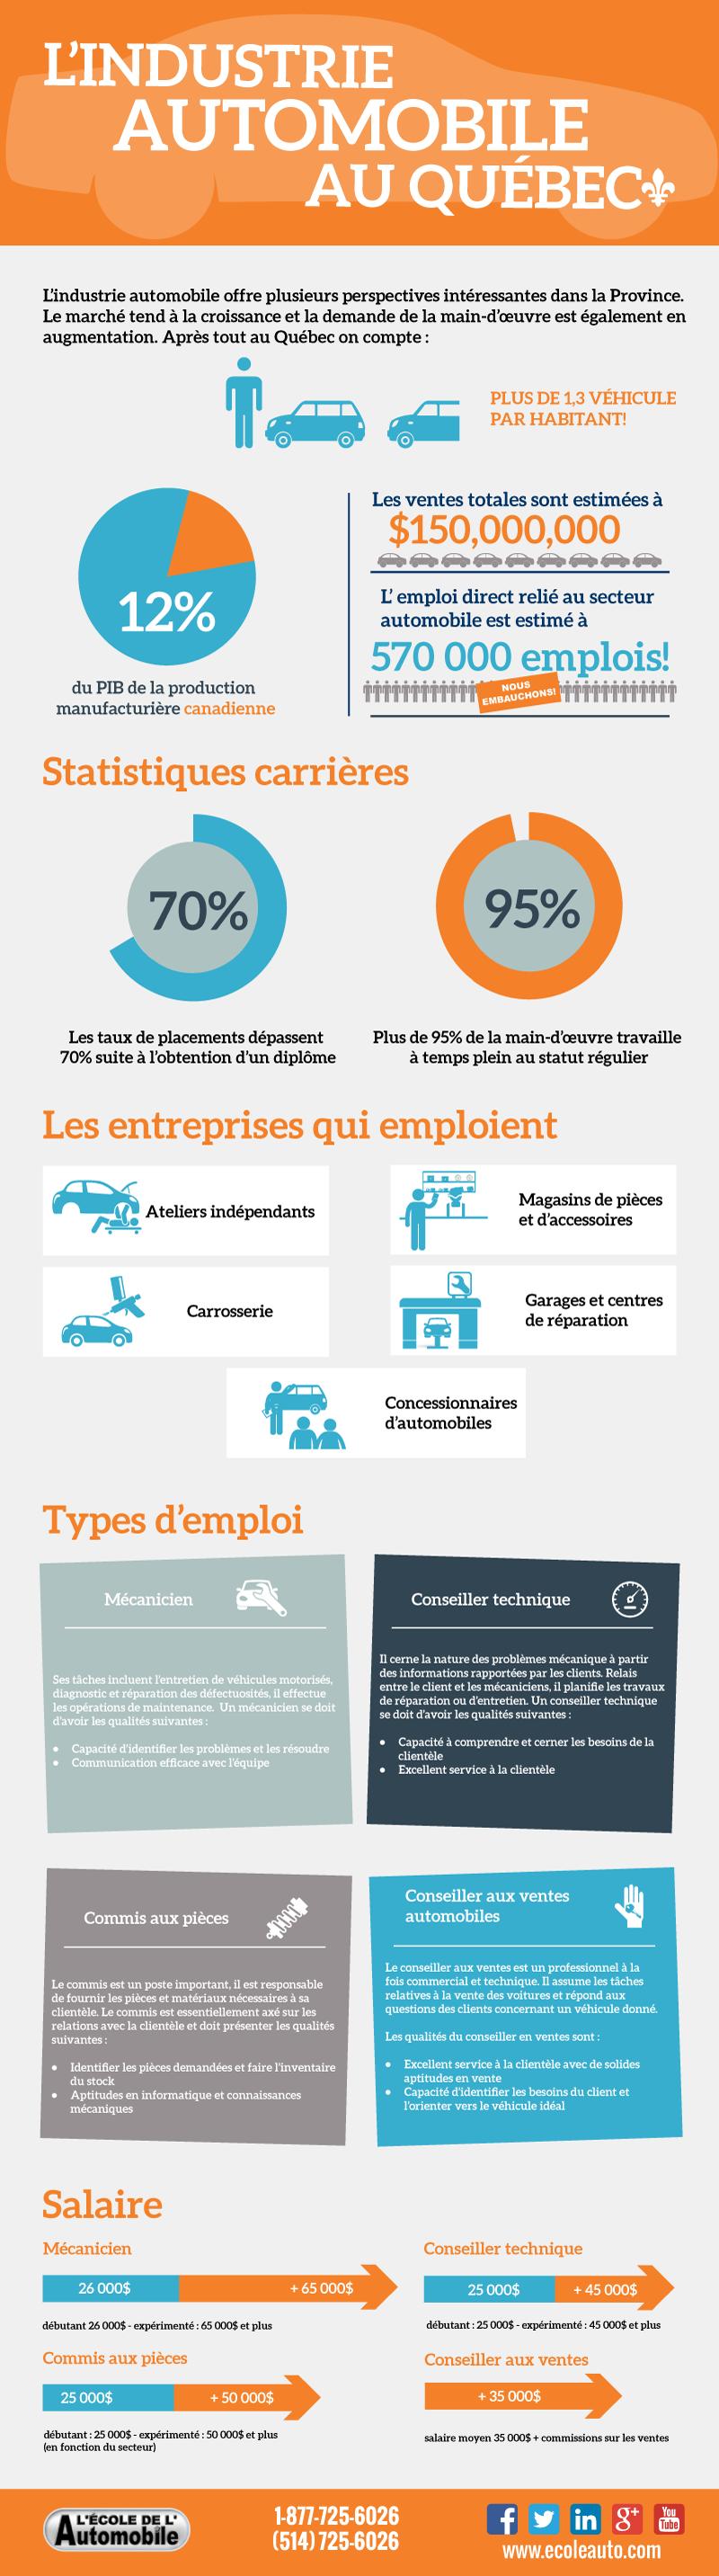 Infographie: L'industrie automobile au Québec